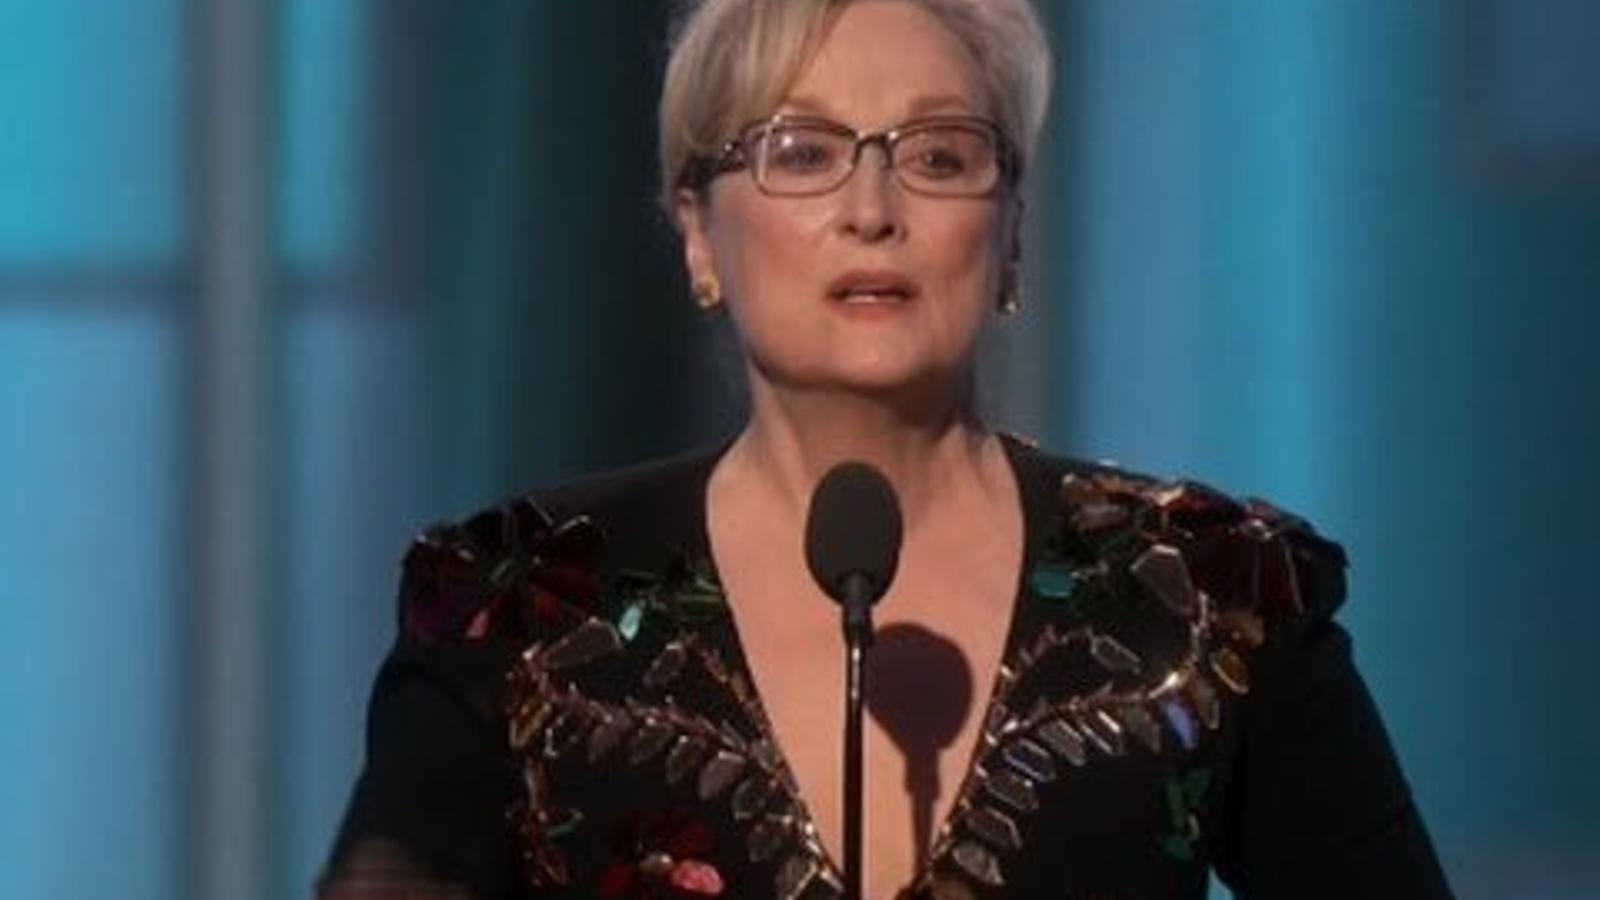 Discurs de Meryl Streep als Globus d'Or